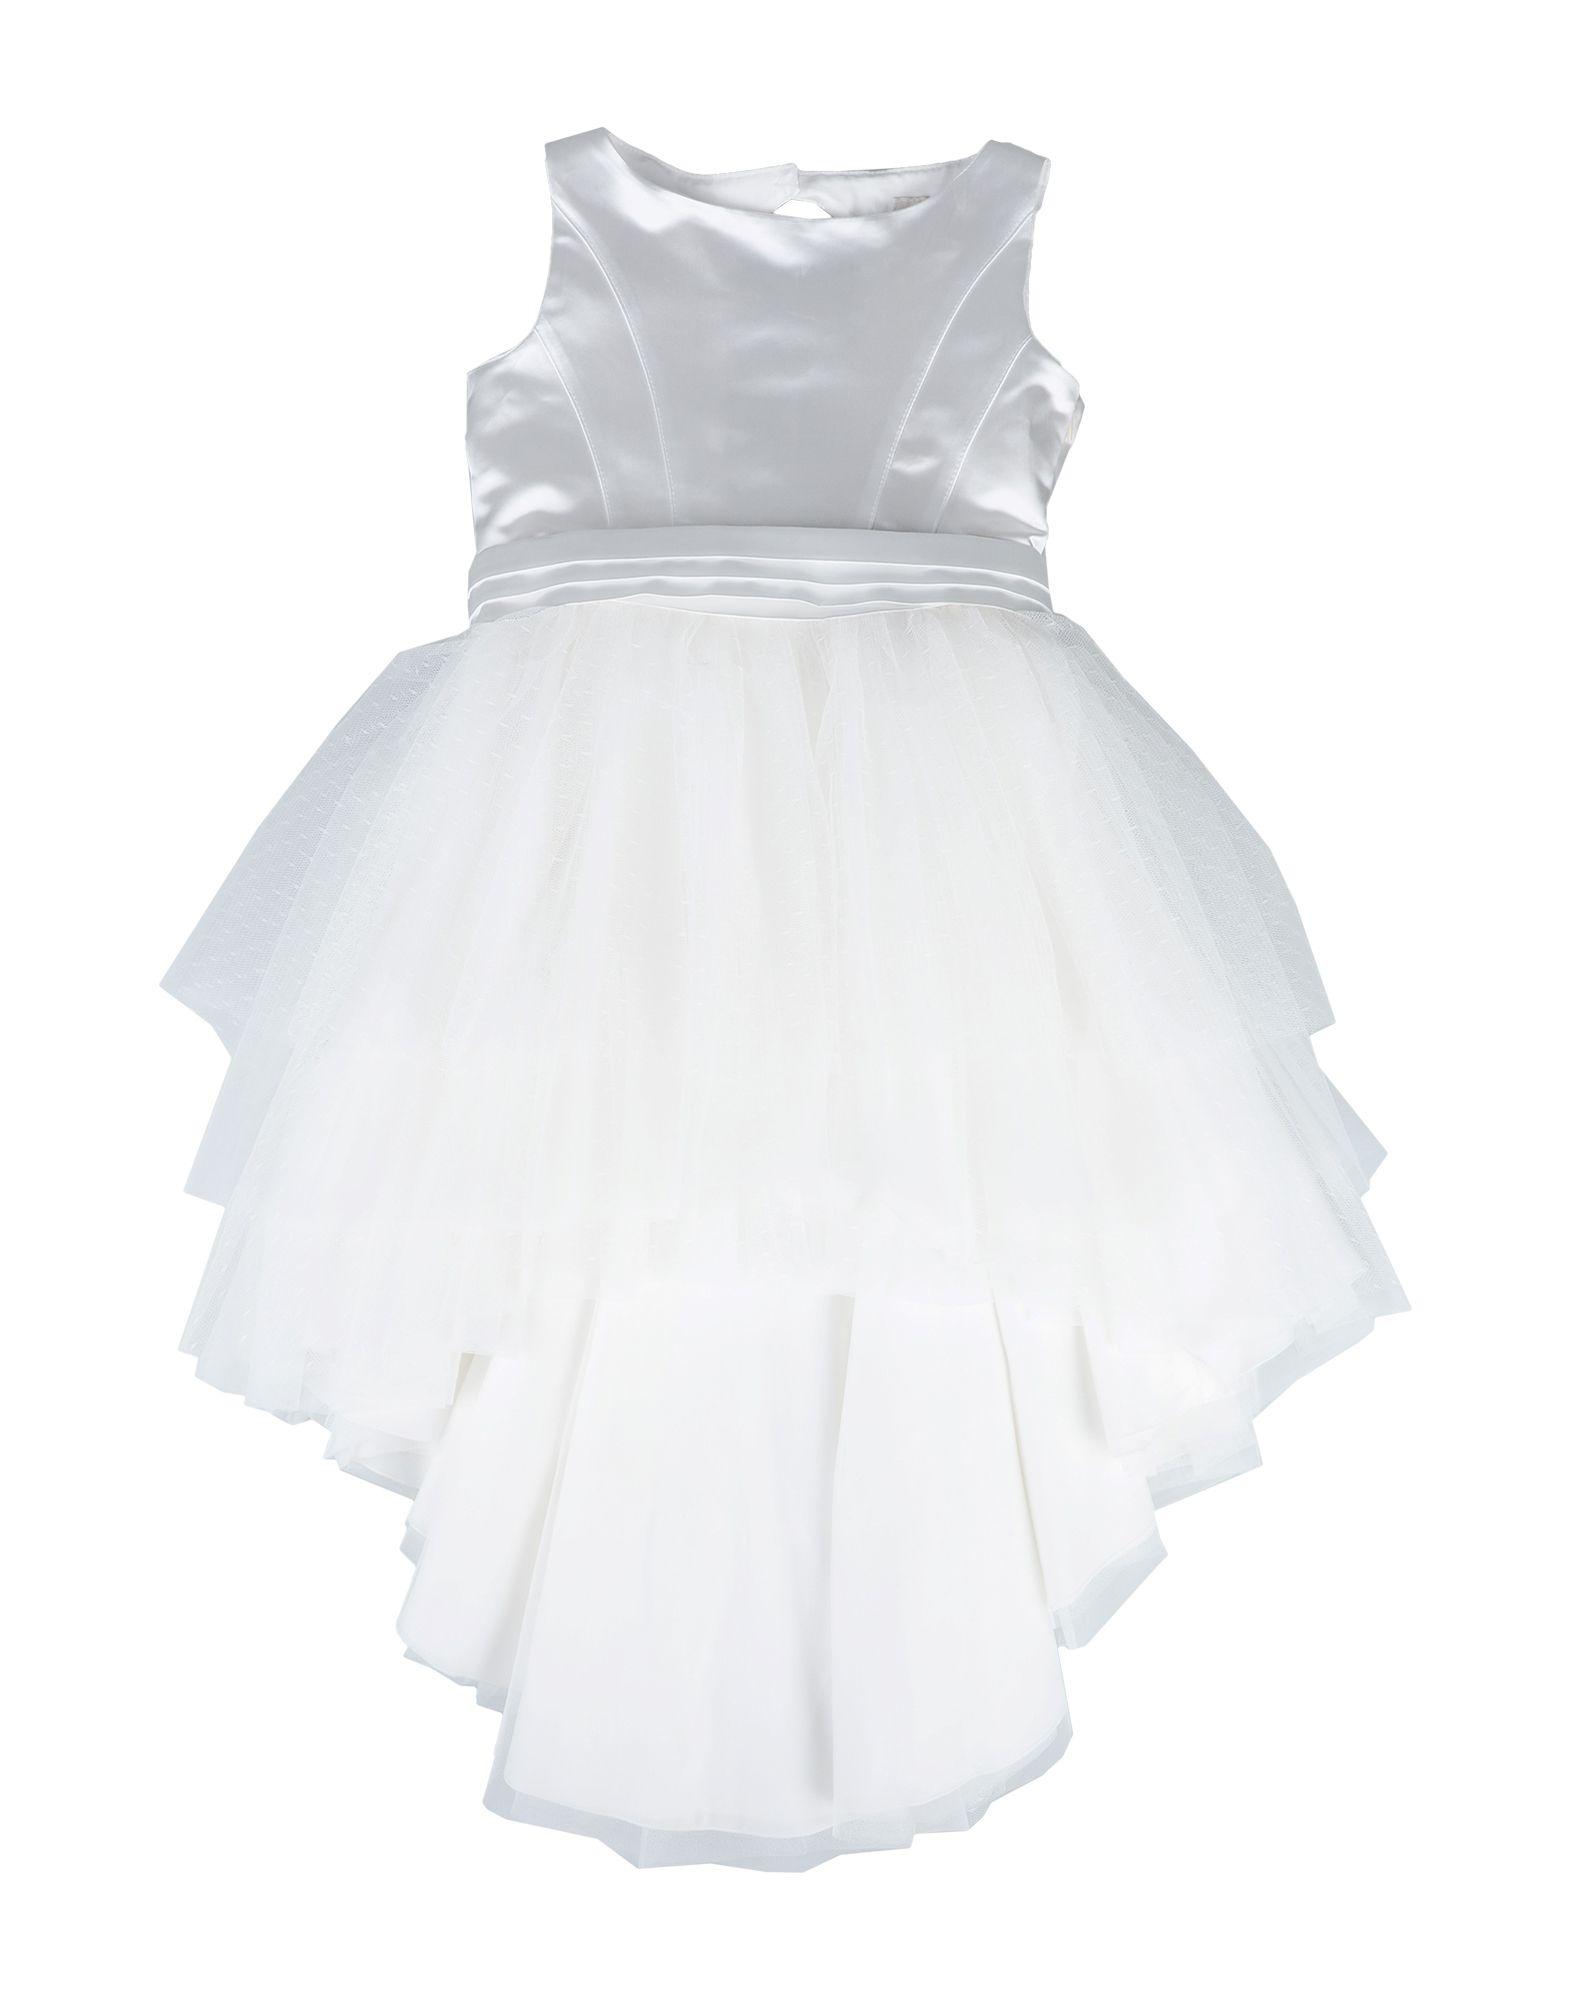 ALETTA Dresses - Item 34980278